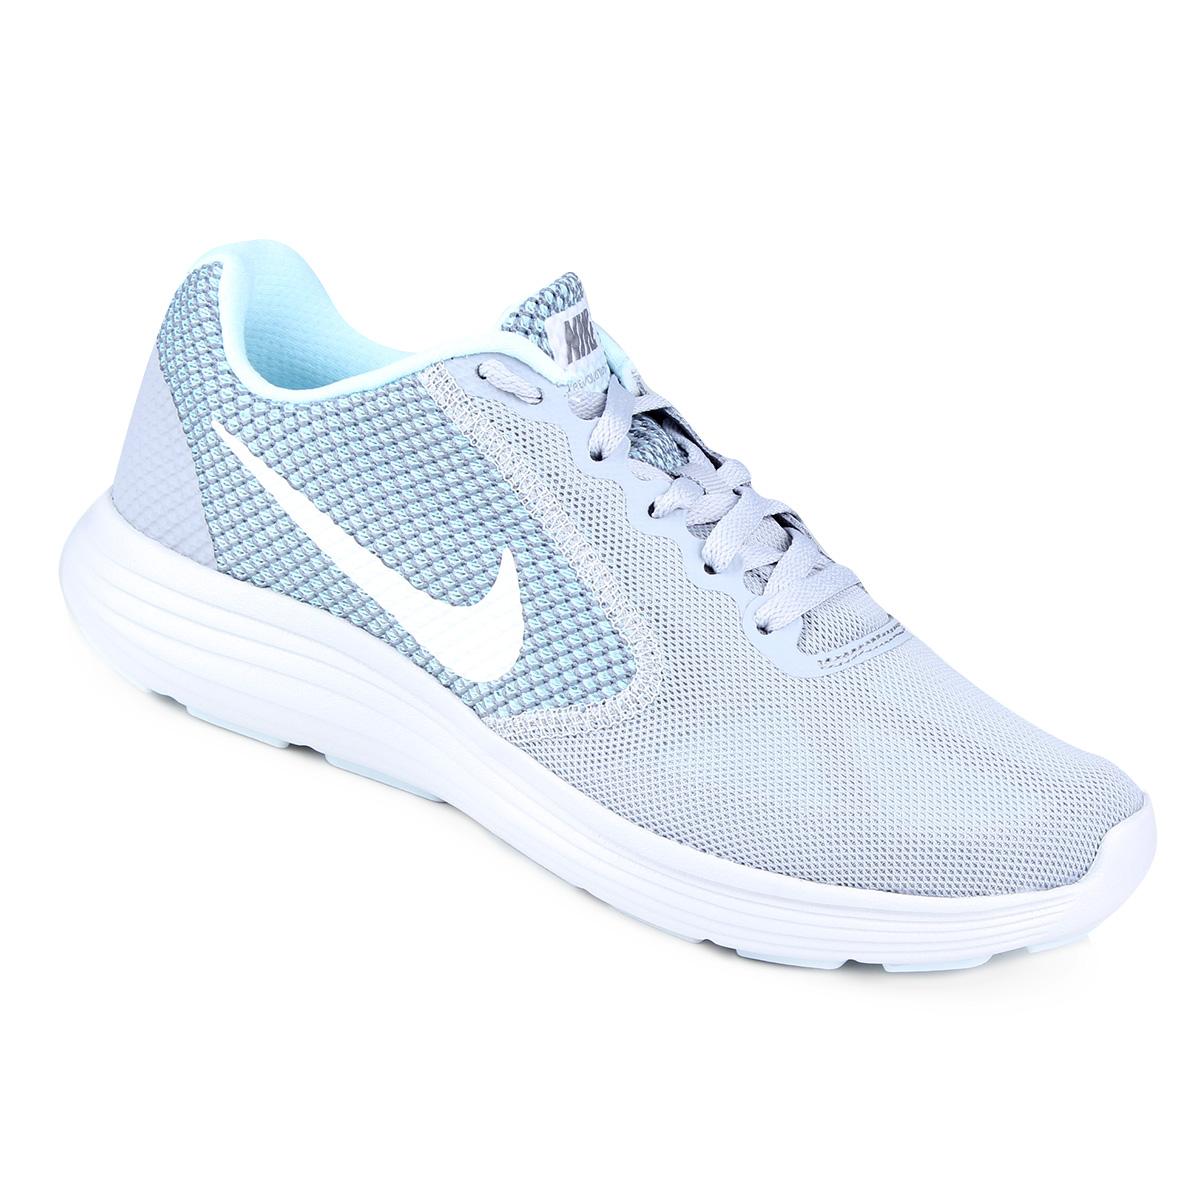 3488645b4f tenis nike revolution - Netshoes - Tênis Nike Revolution 3 - R$169,90